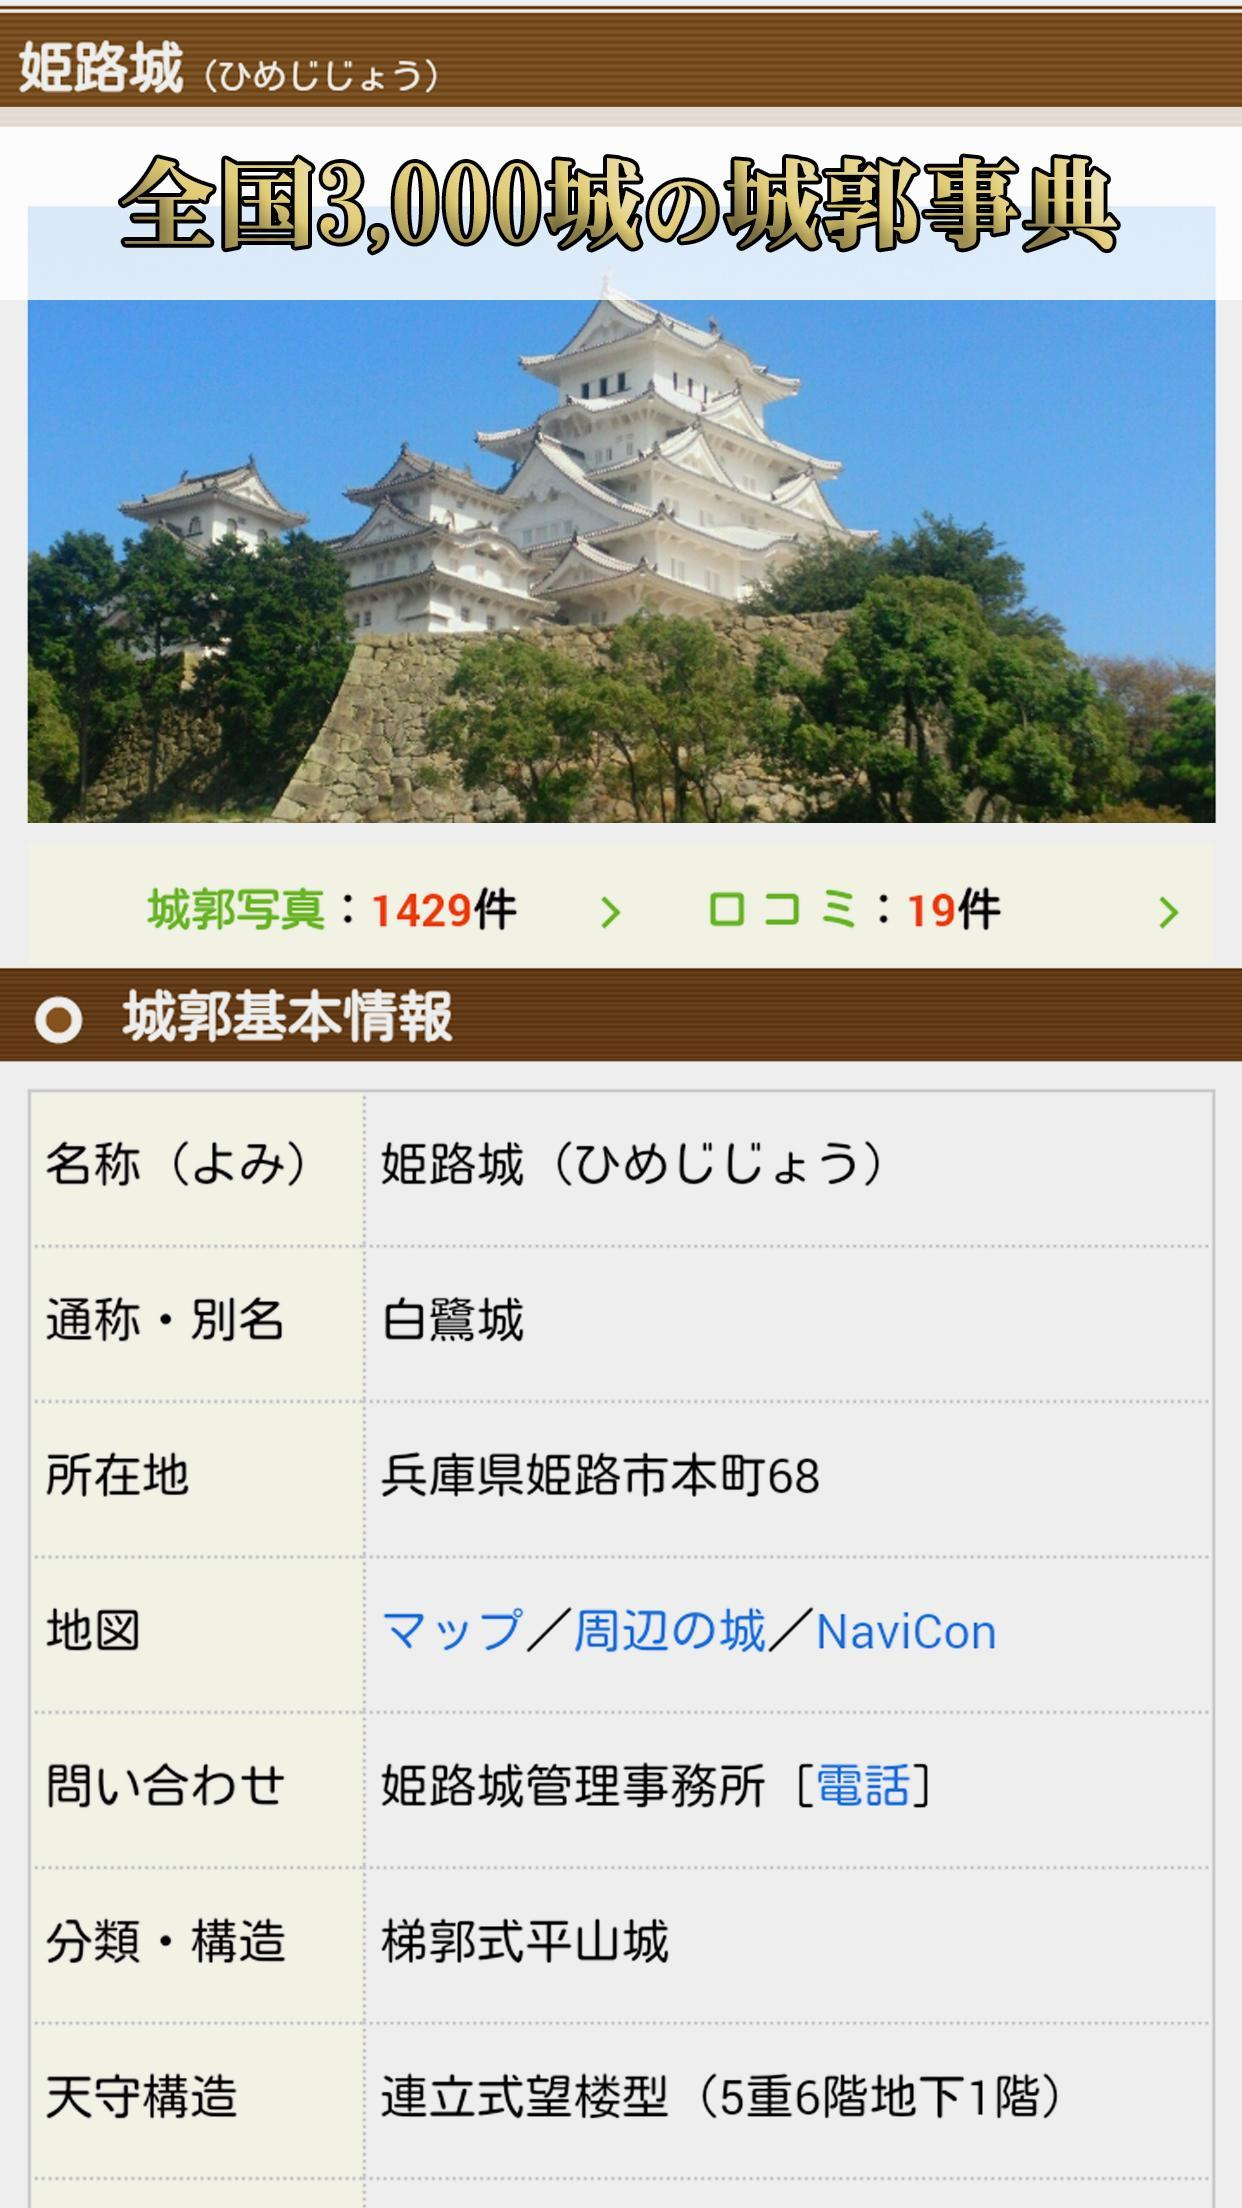 ニッポン城めぐり(無料スタンプラリー・戦国位置ゲーム) 4.6.1 Screenshot 8